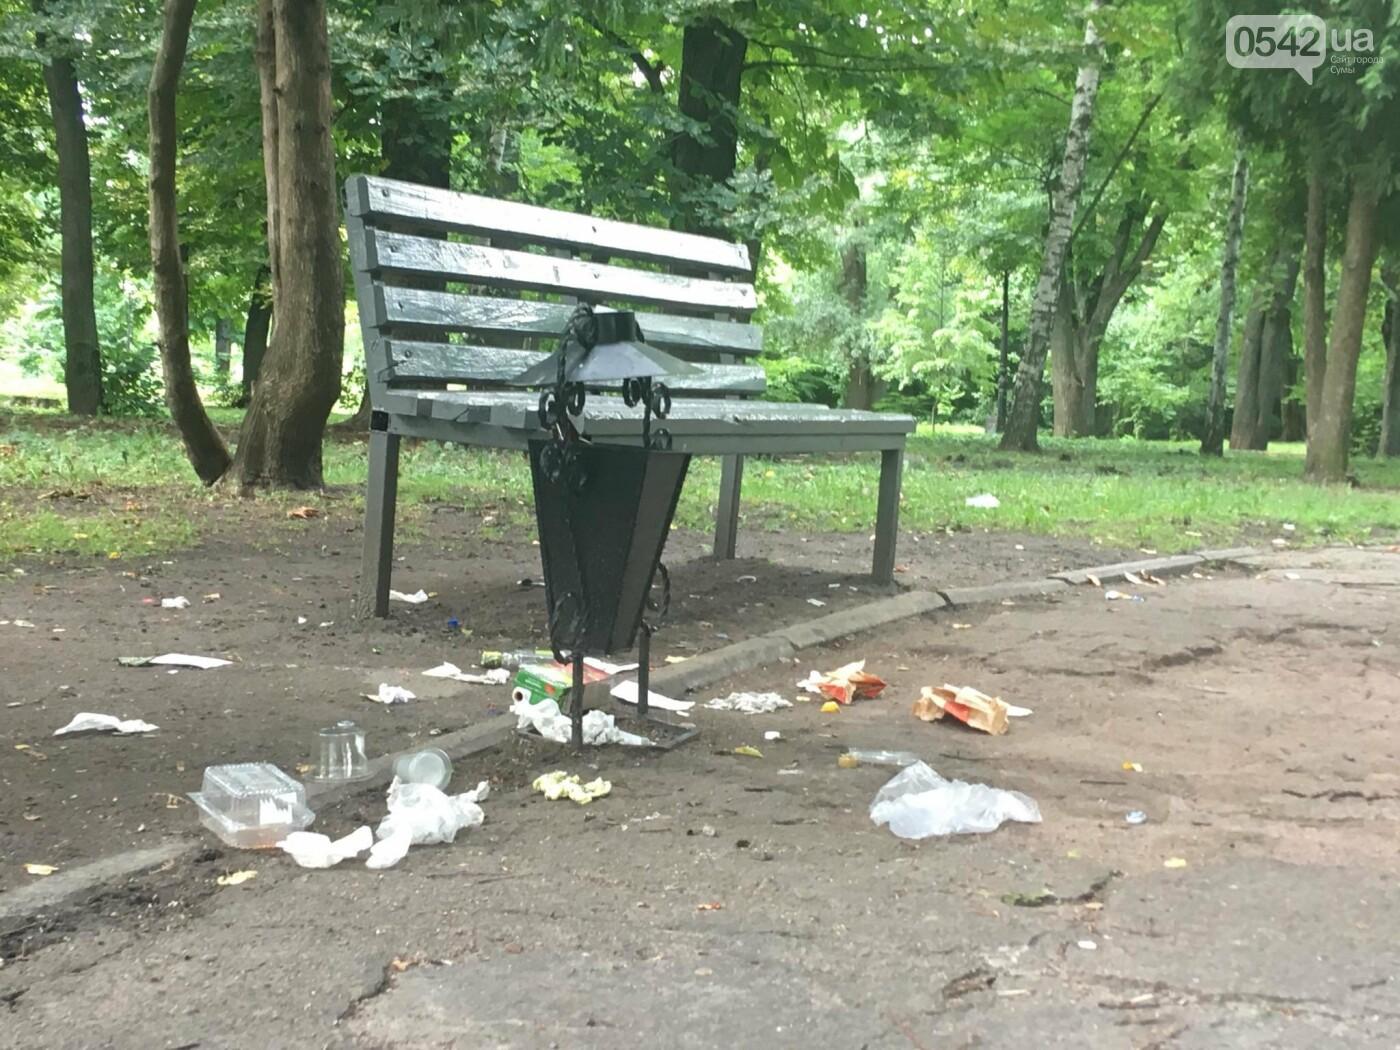 У Сумах сміття лежить біля порожніх урн: культура жителів міста або сумлінність комунальників?, фото-2